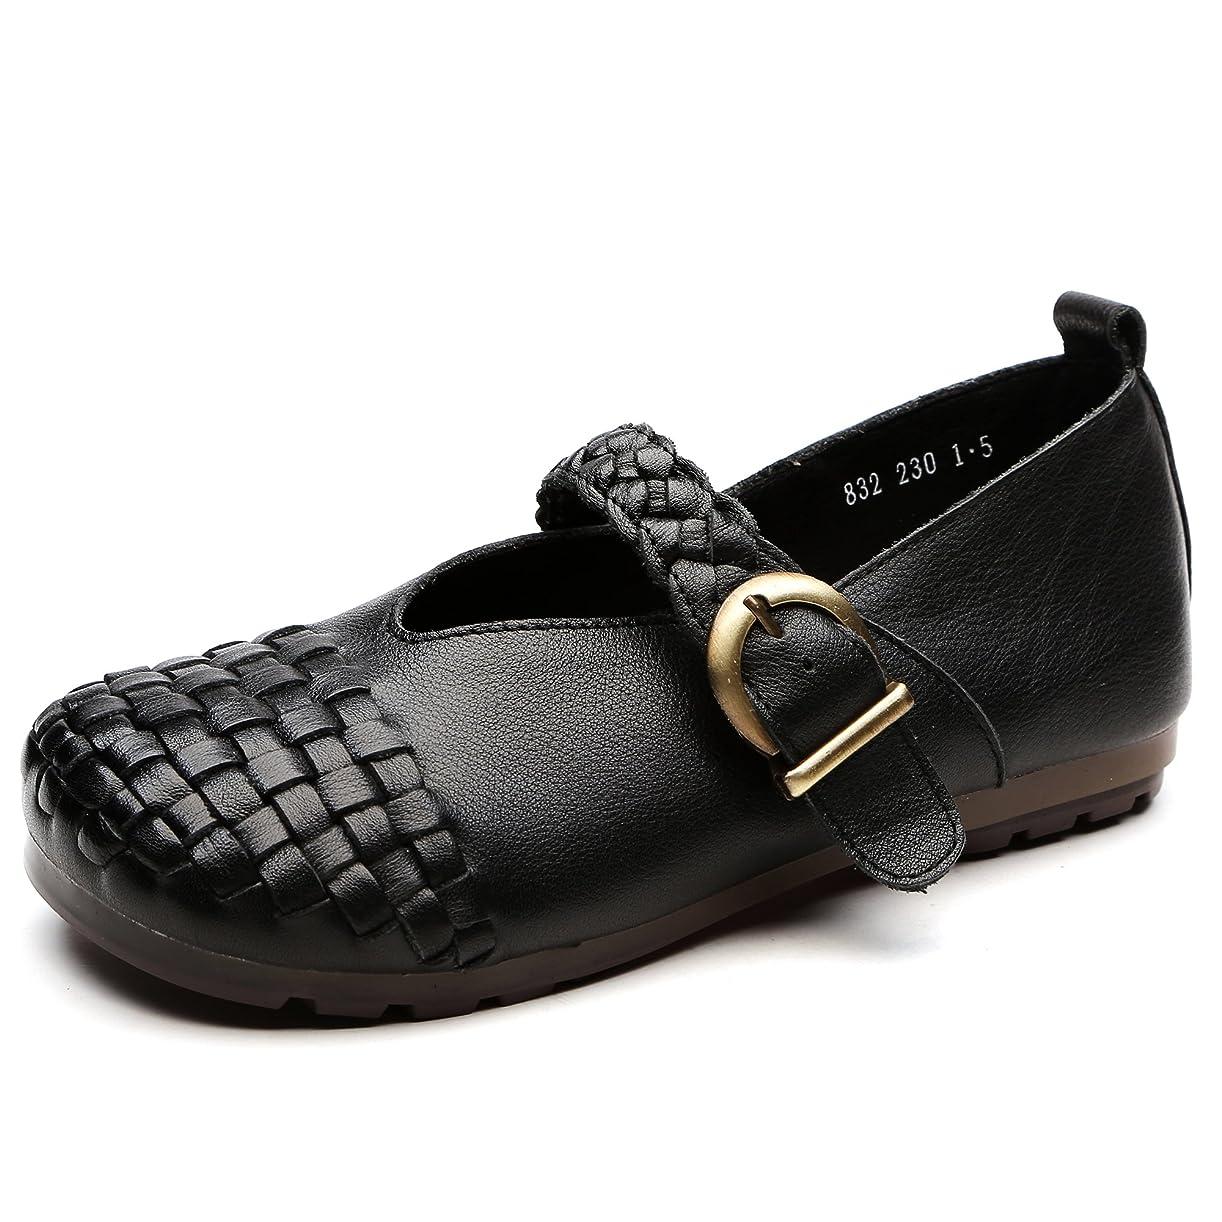 適格特異な劣る[Maysky] 柔らか ぺたんこ フロント 編込み 靴 アンクル ストラップ 3E 幅広設計 フラット コンフォート 痛くない 歩きやすい 疲れない 本革 美脚 おしゃれ ローヒール